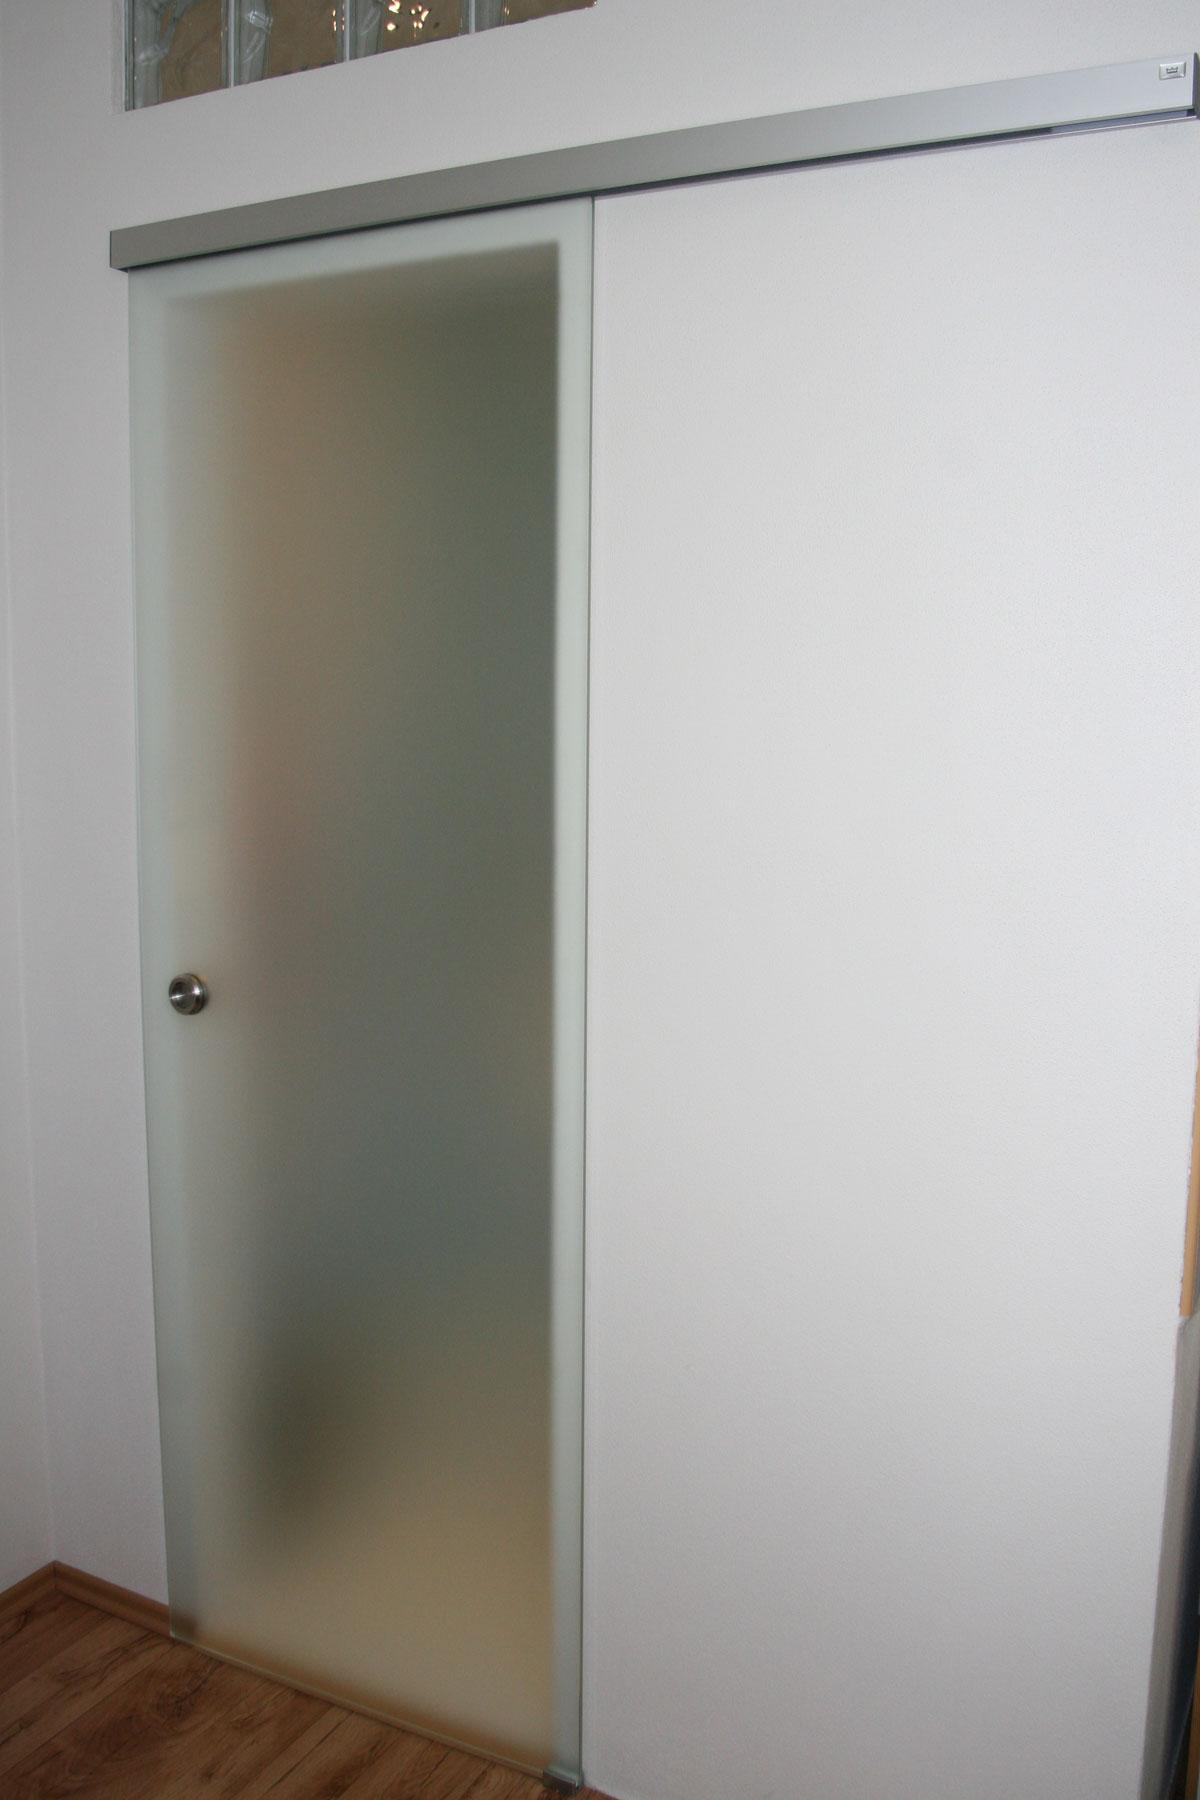 Sklenarstvi-Prerost-posuvne- dvere (12)